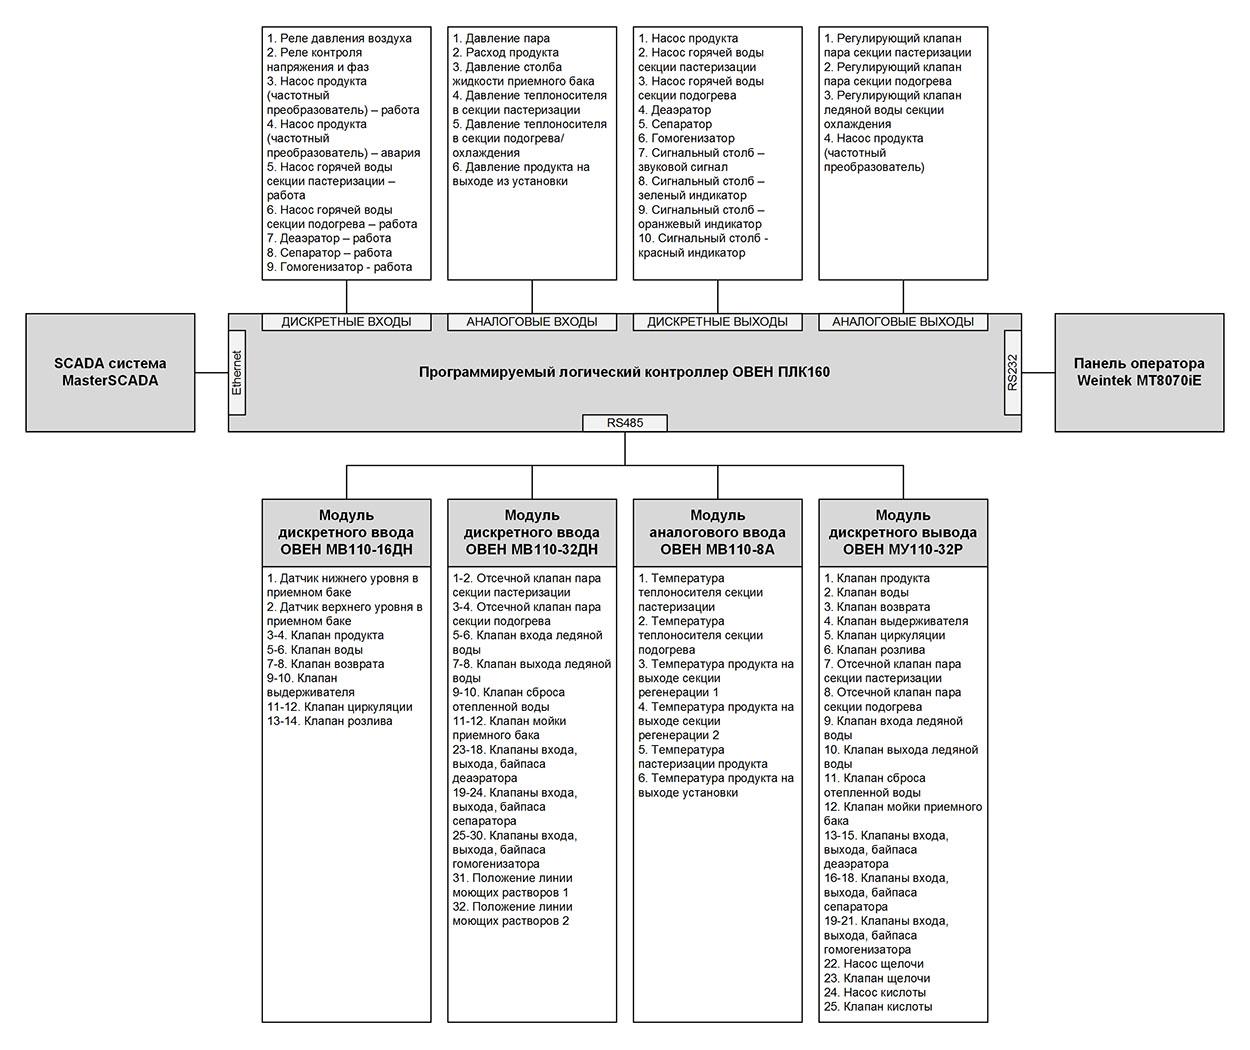 АСУ ТП пастеризационно-охладительной установки - архитектура АСУ ТП